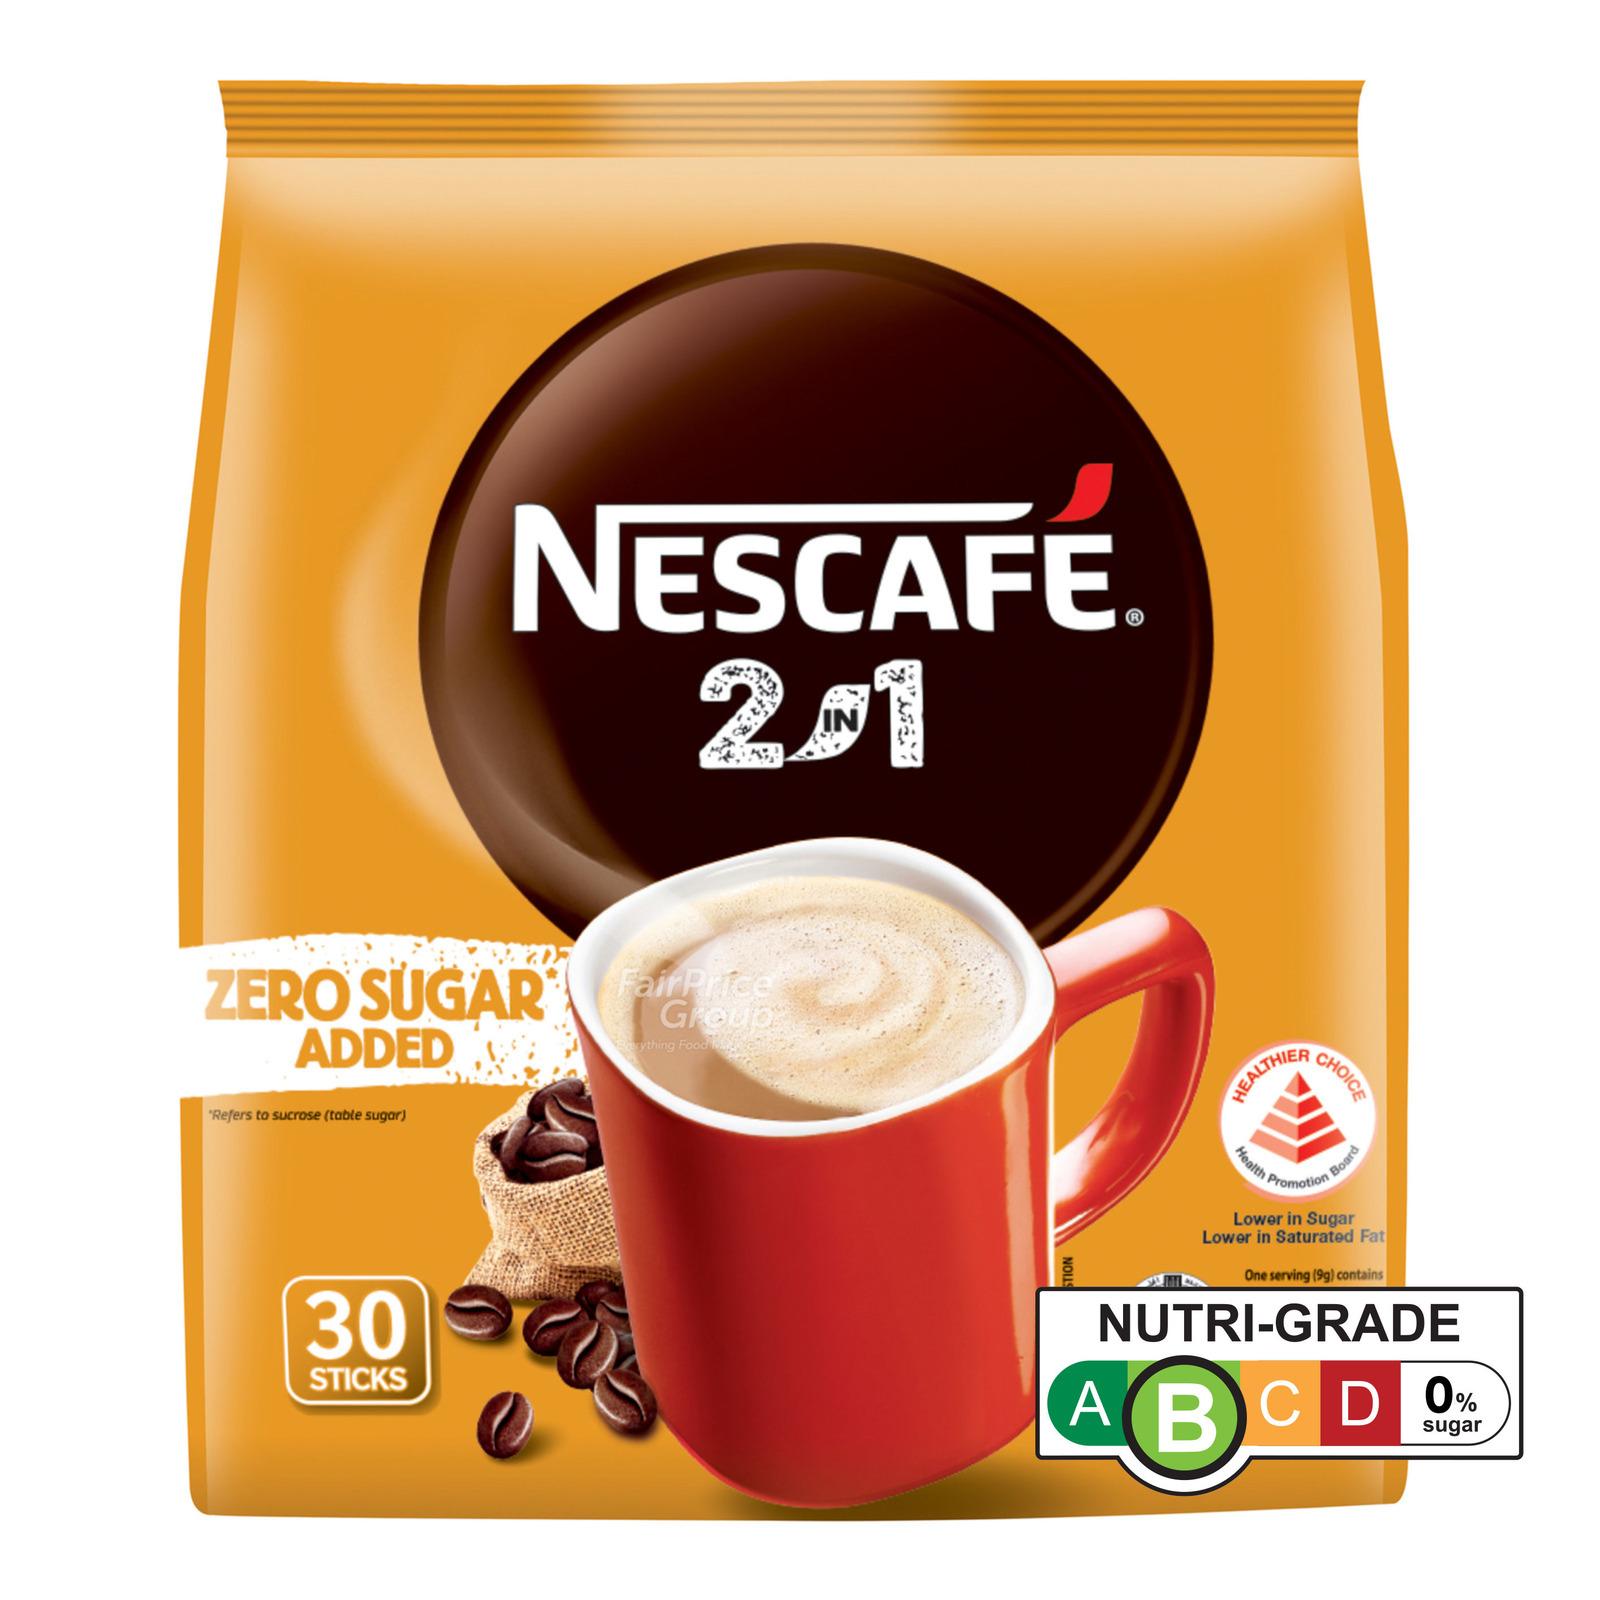 Nescafe 2 in 1 Instant Coffee - Original (Zero Sugar Added)